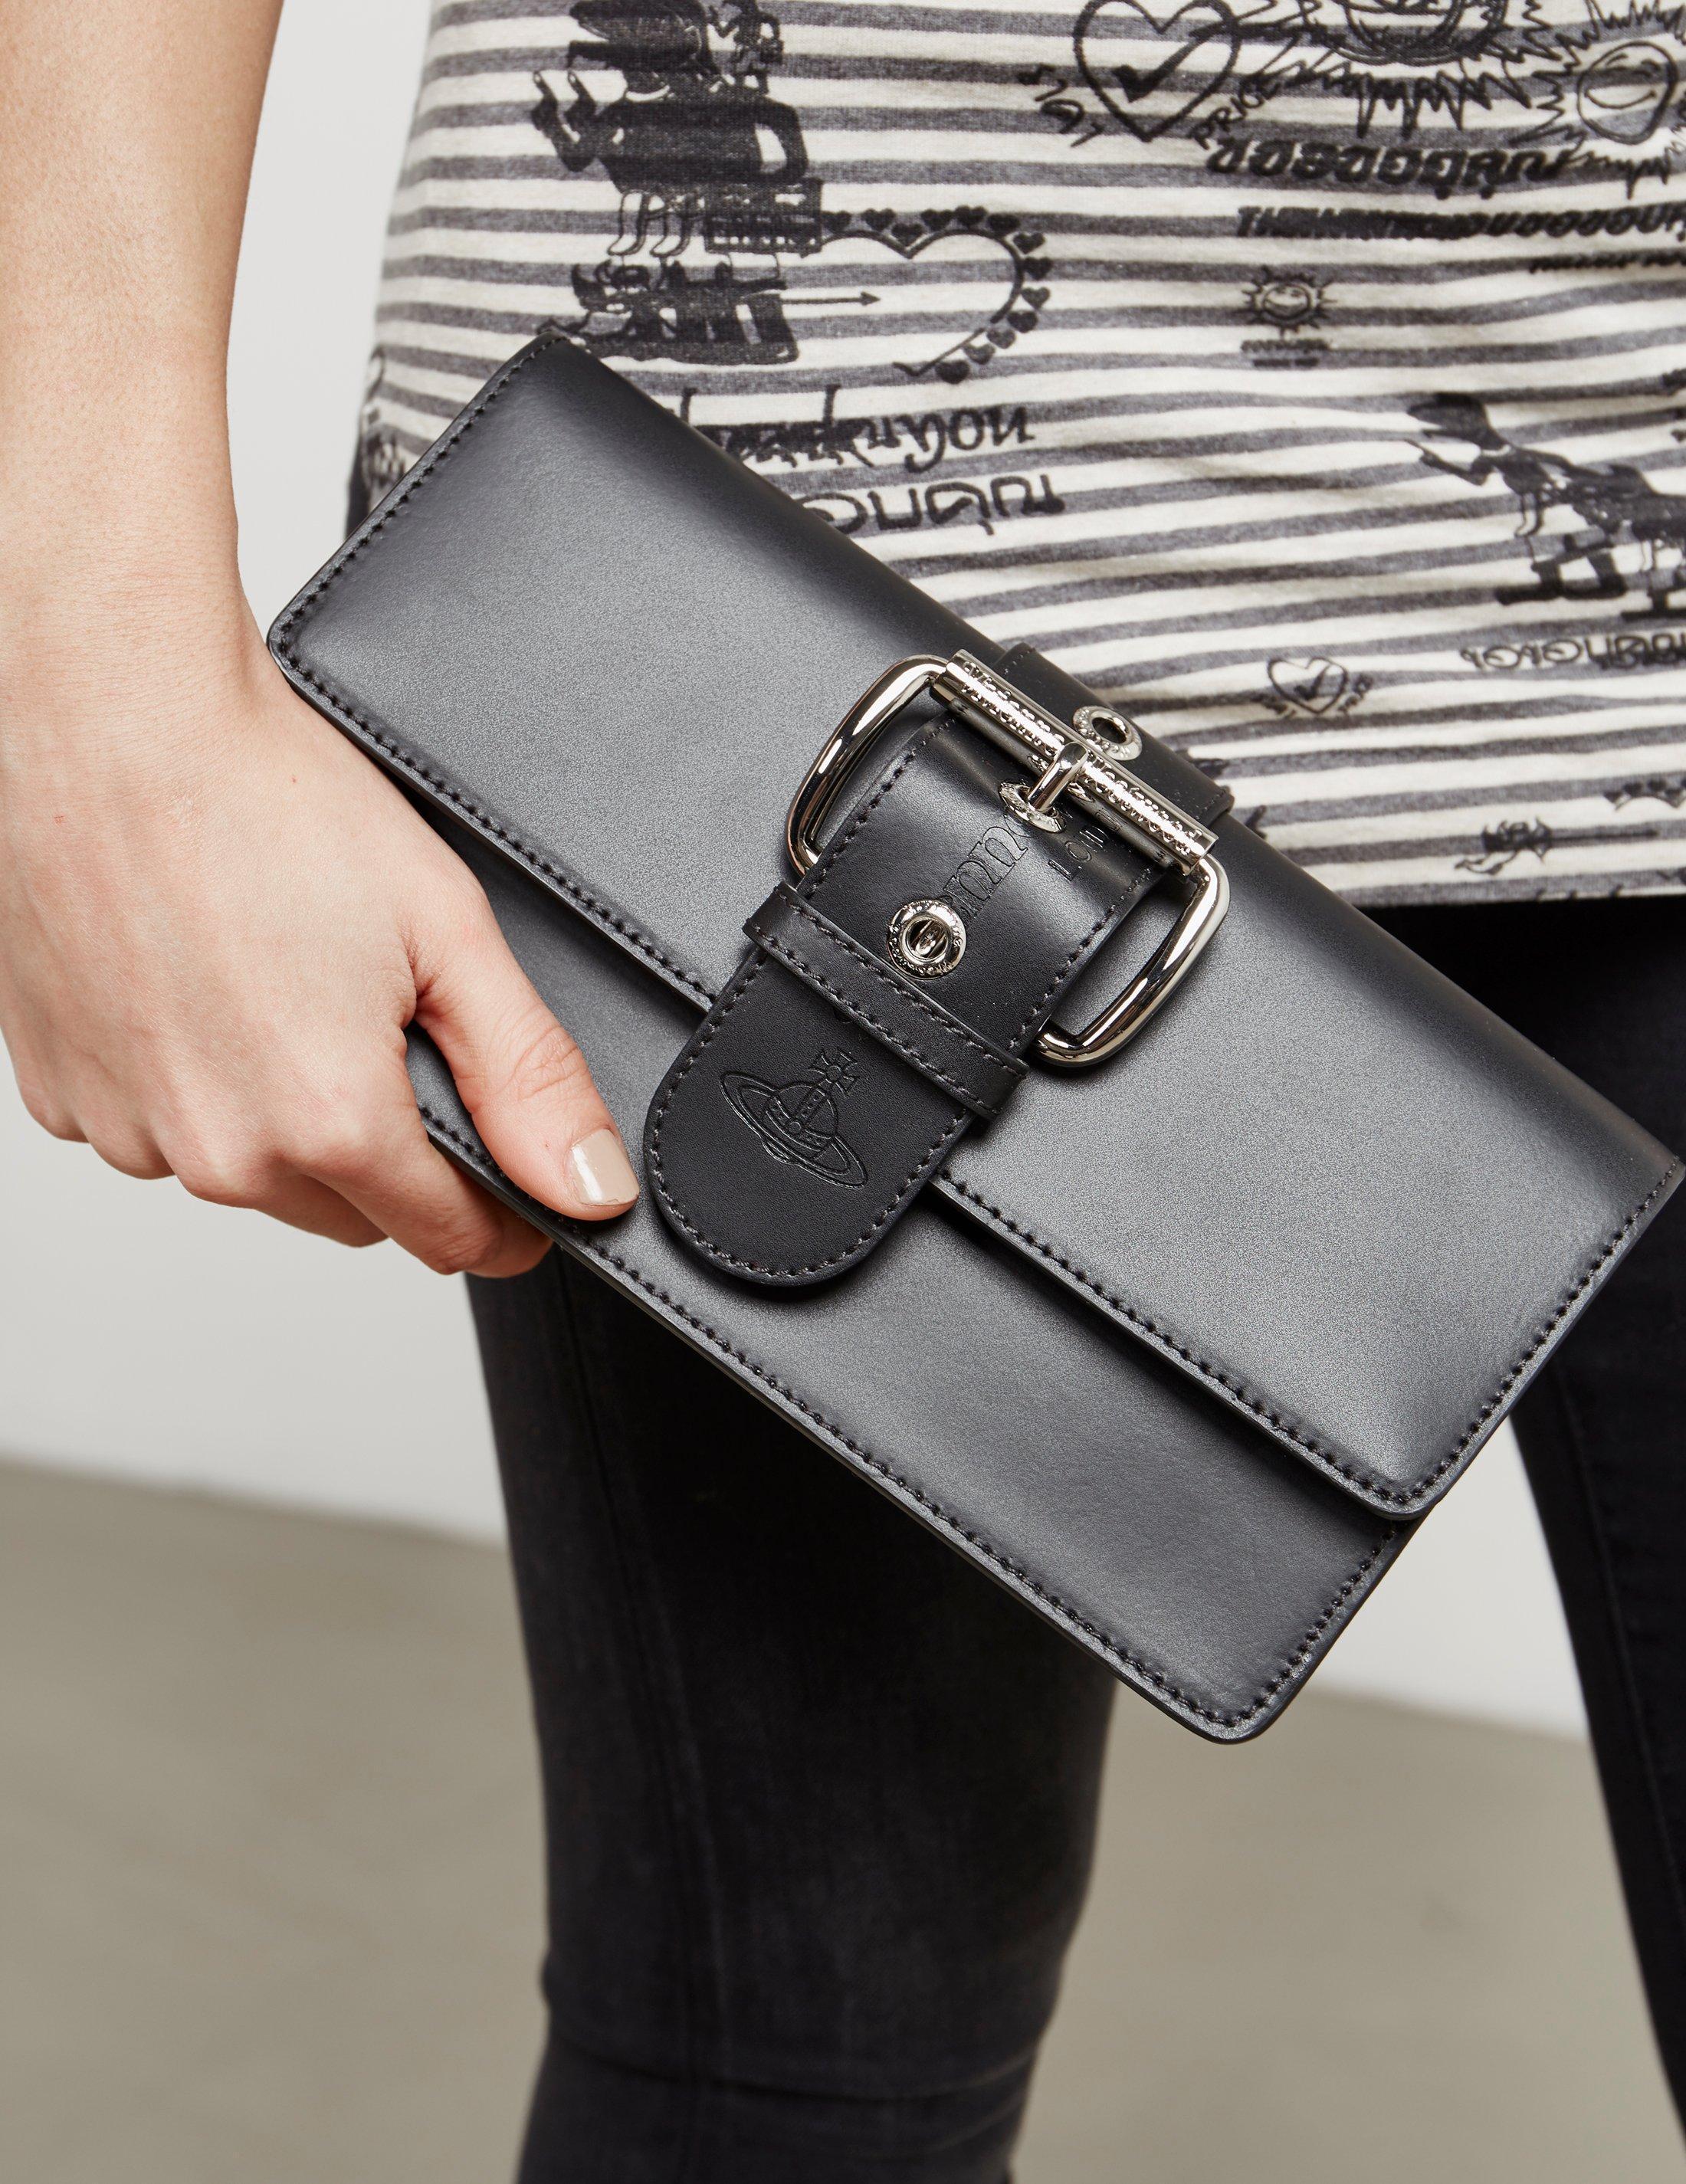 0a8ff0d348a Vivienne Westwood Clutch Bag Harvey Nichols